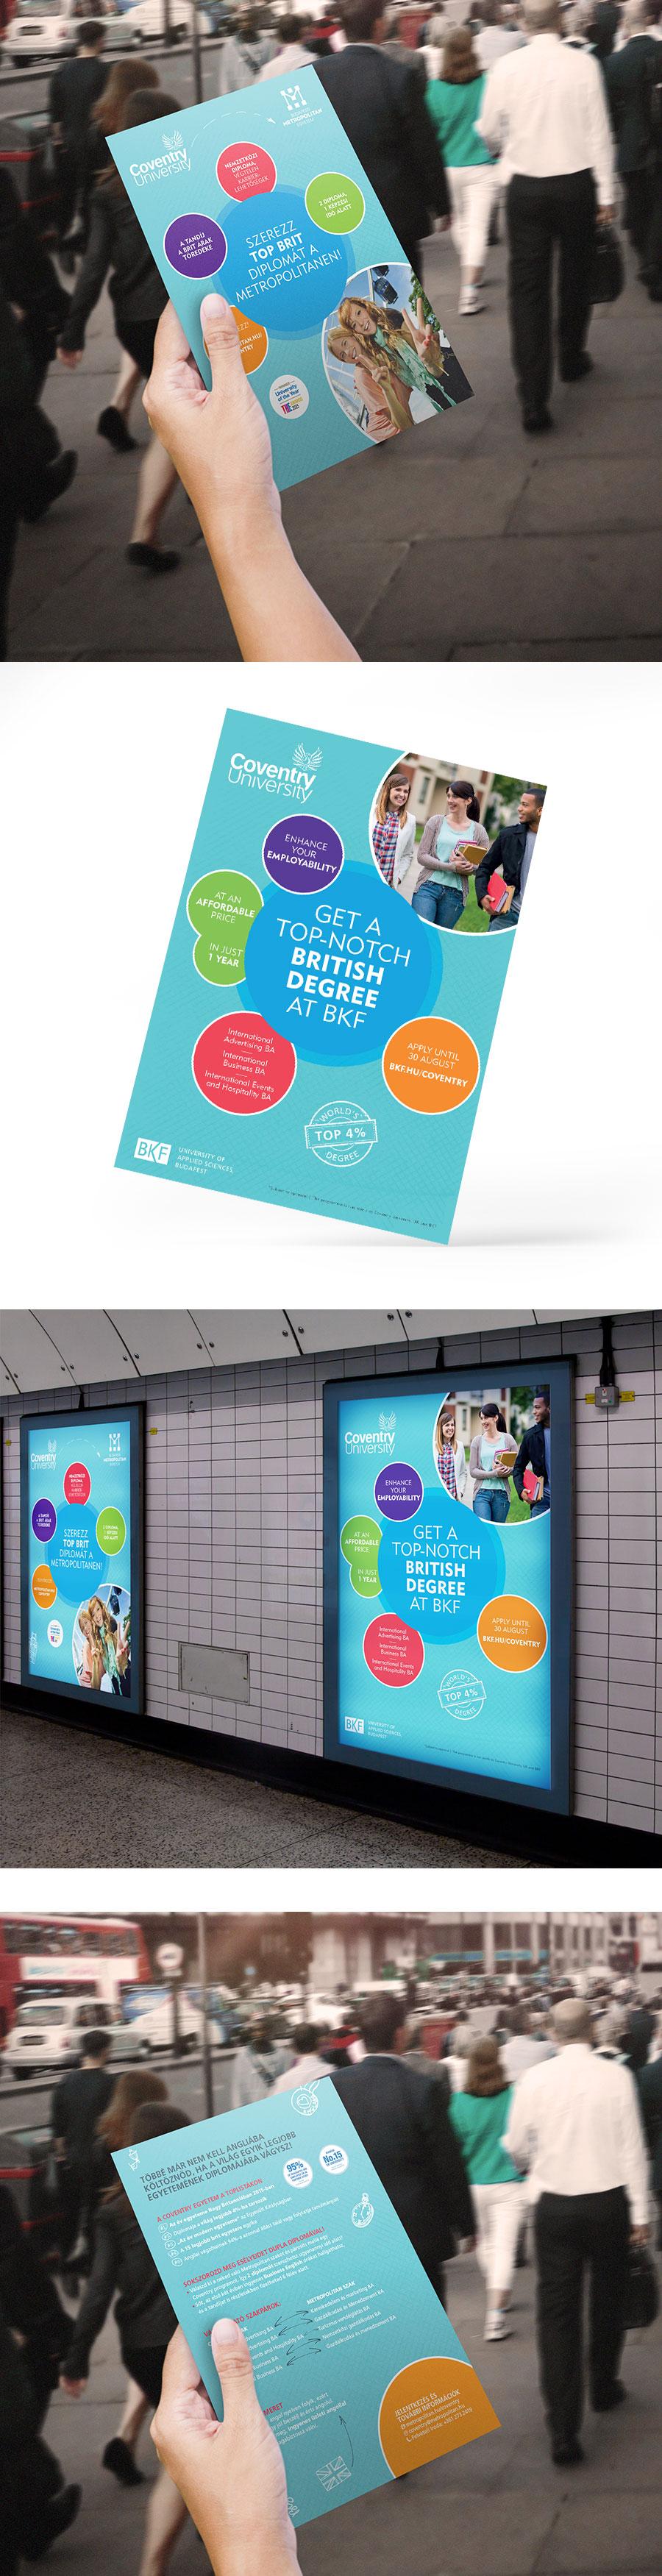 Hirdetési arculat tervezése - Coventry University, METU